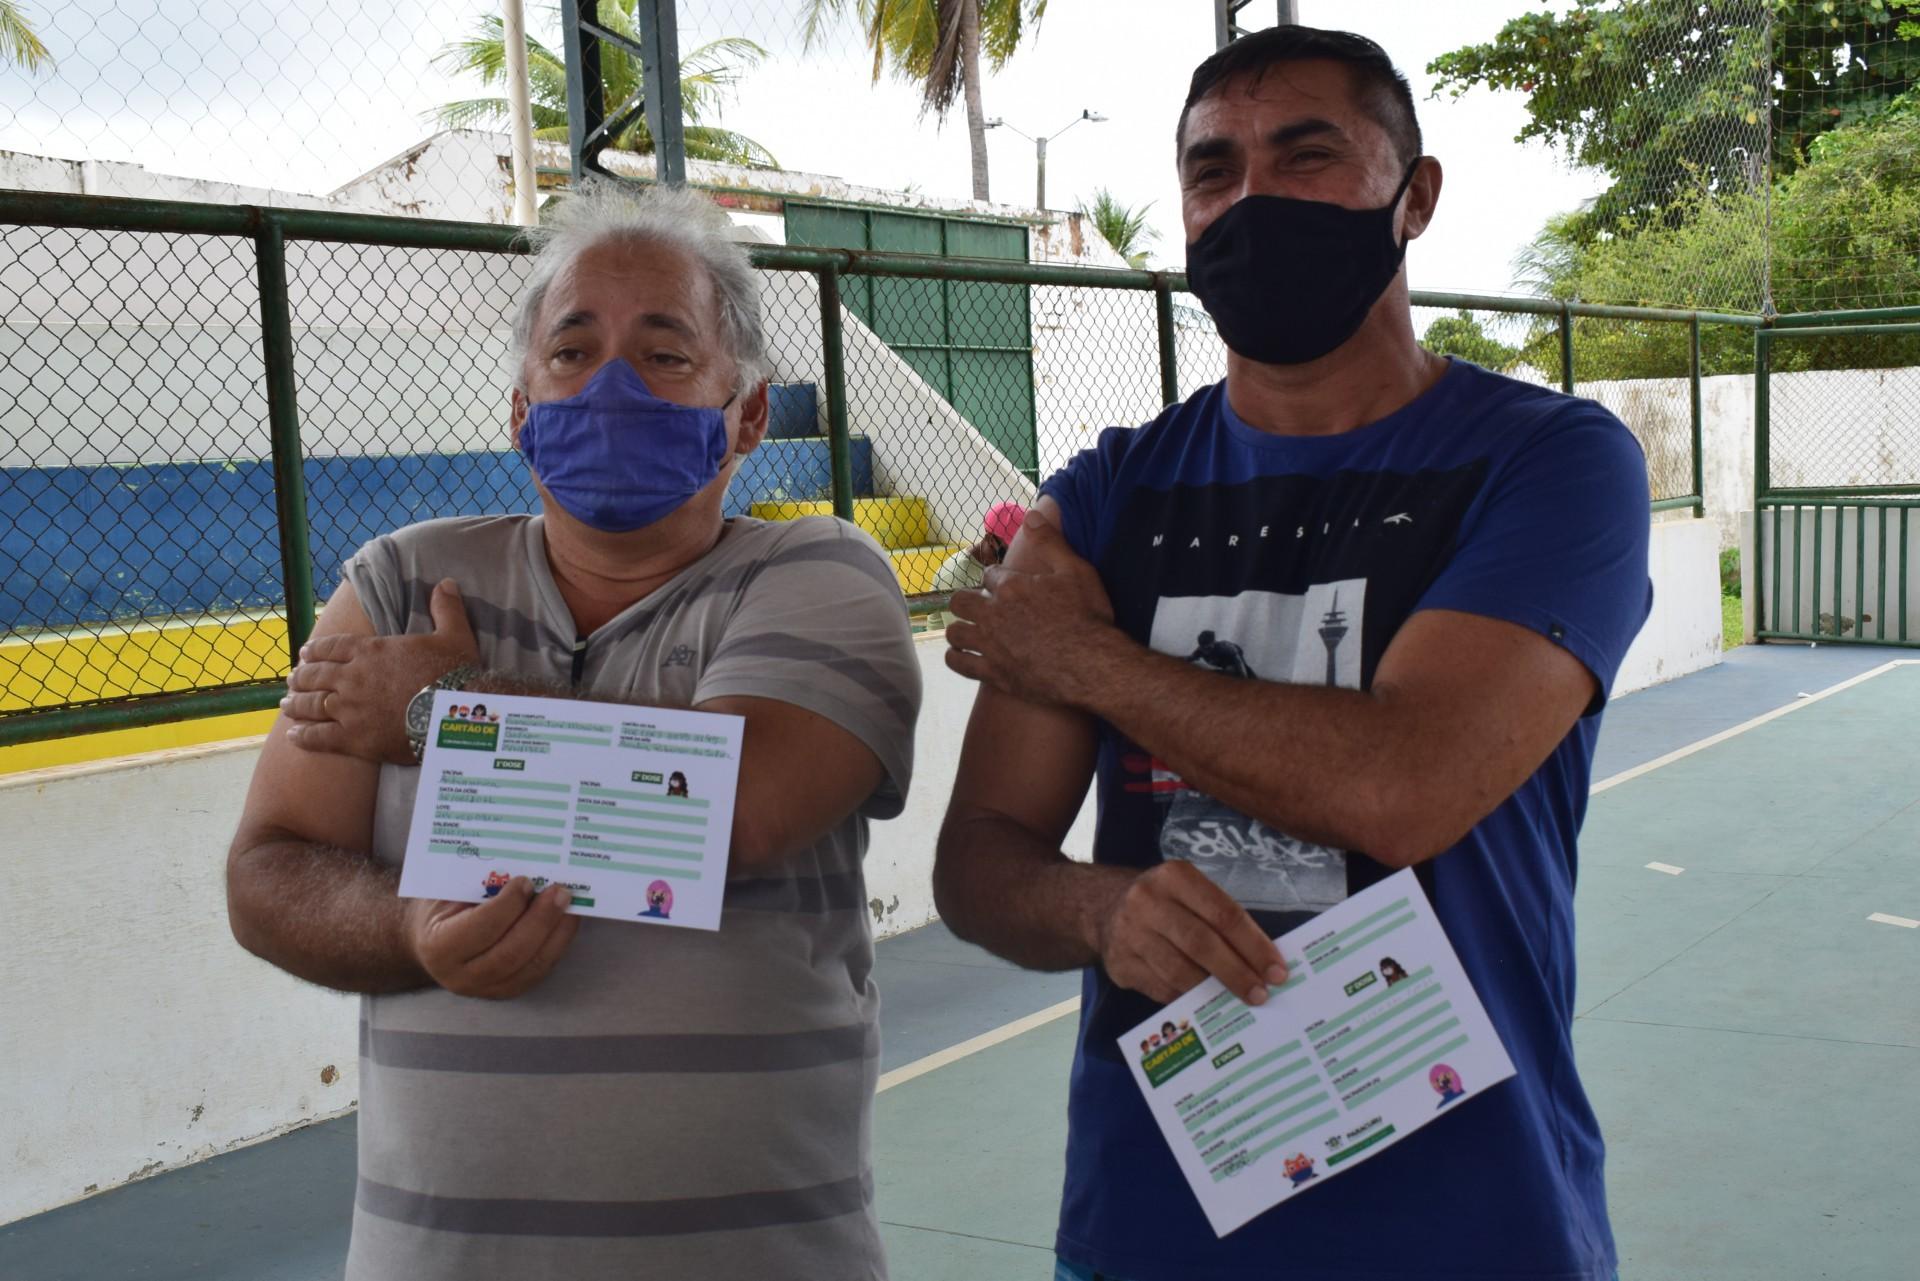 448 pessoas foram vacinadas em Paracuru nesta quarta-feira, 16, na faixa etária entre 50 e 59 anos (Foto: Divulgação/Prefeitura de Paracuru)